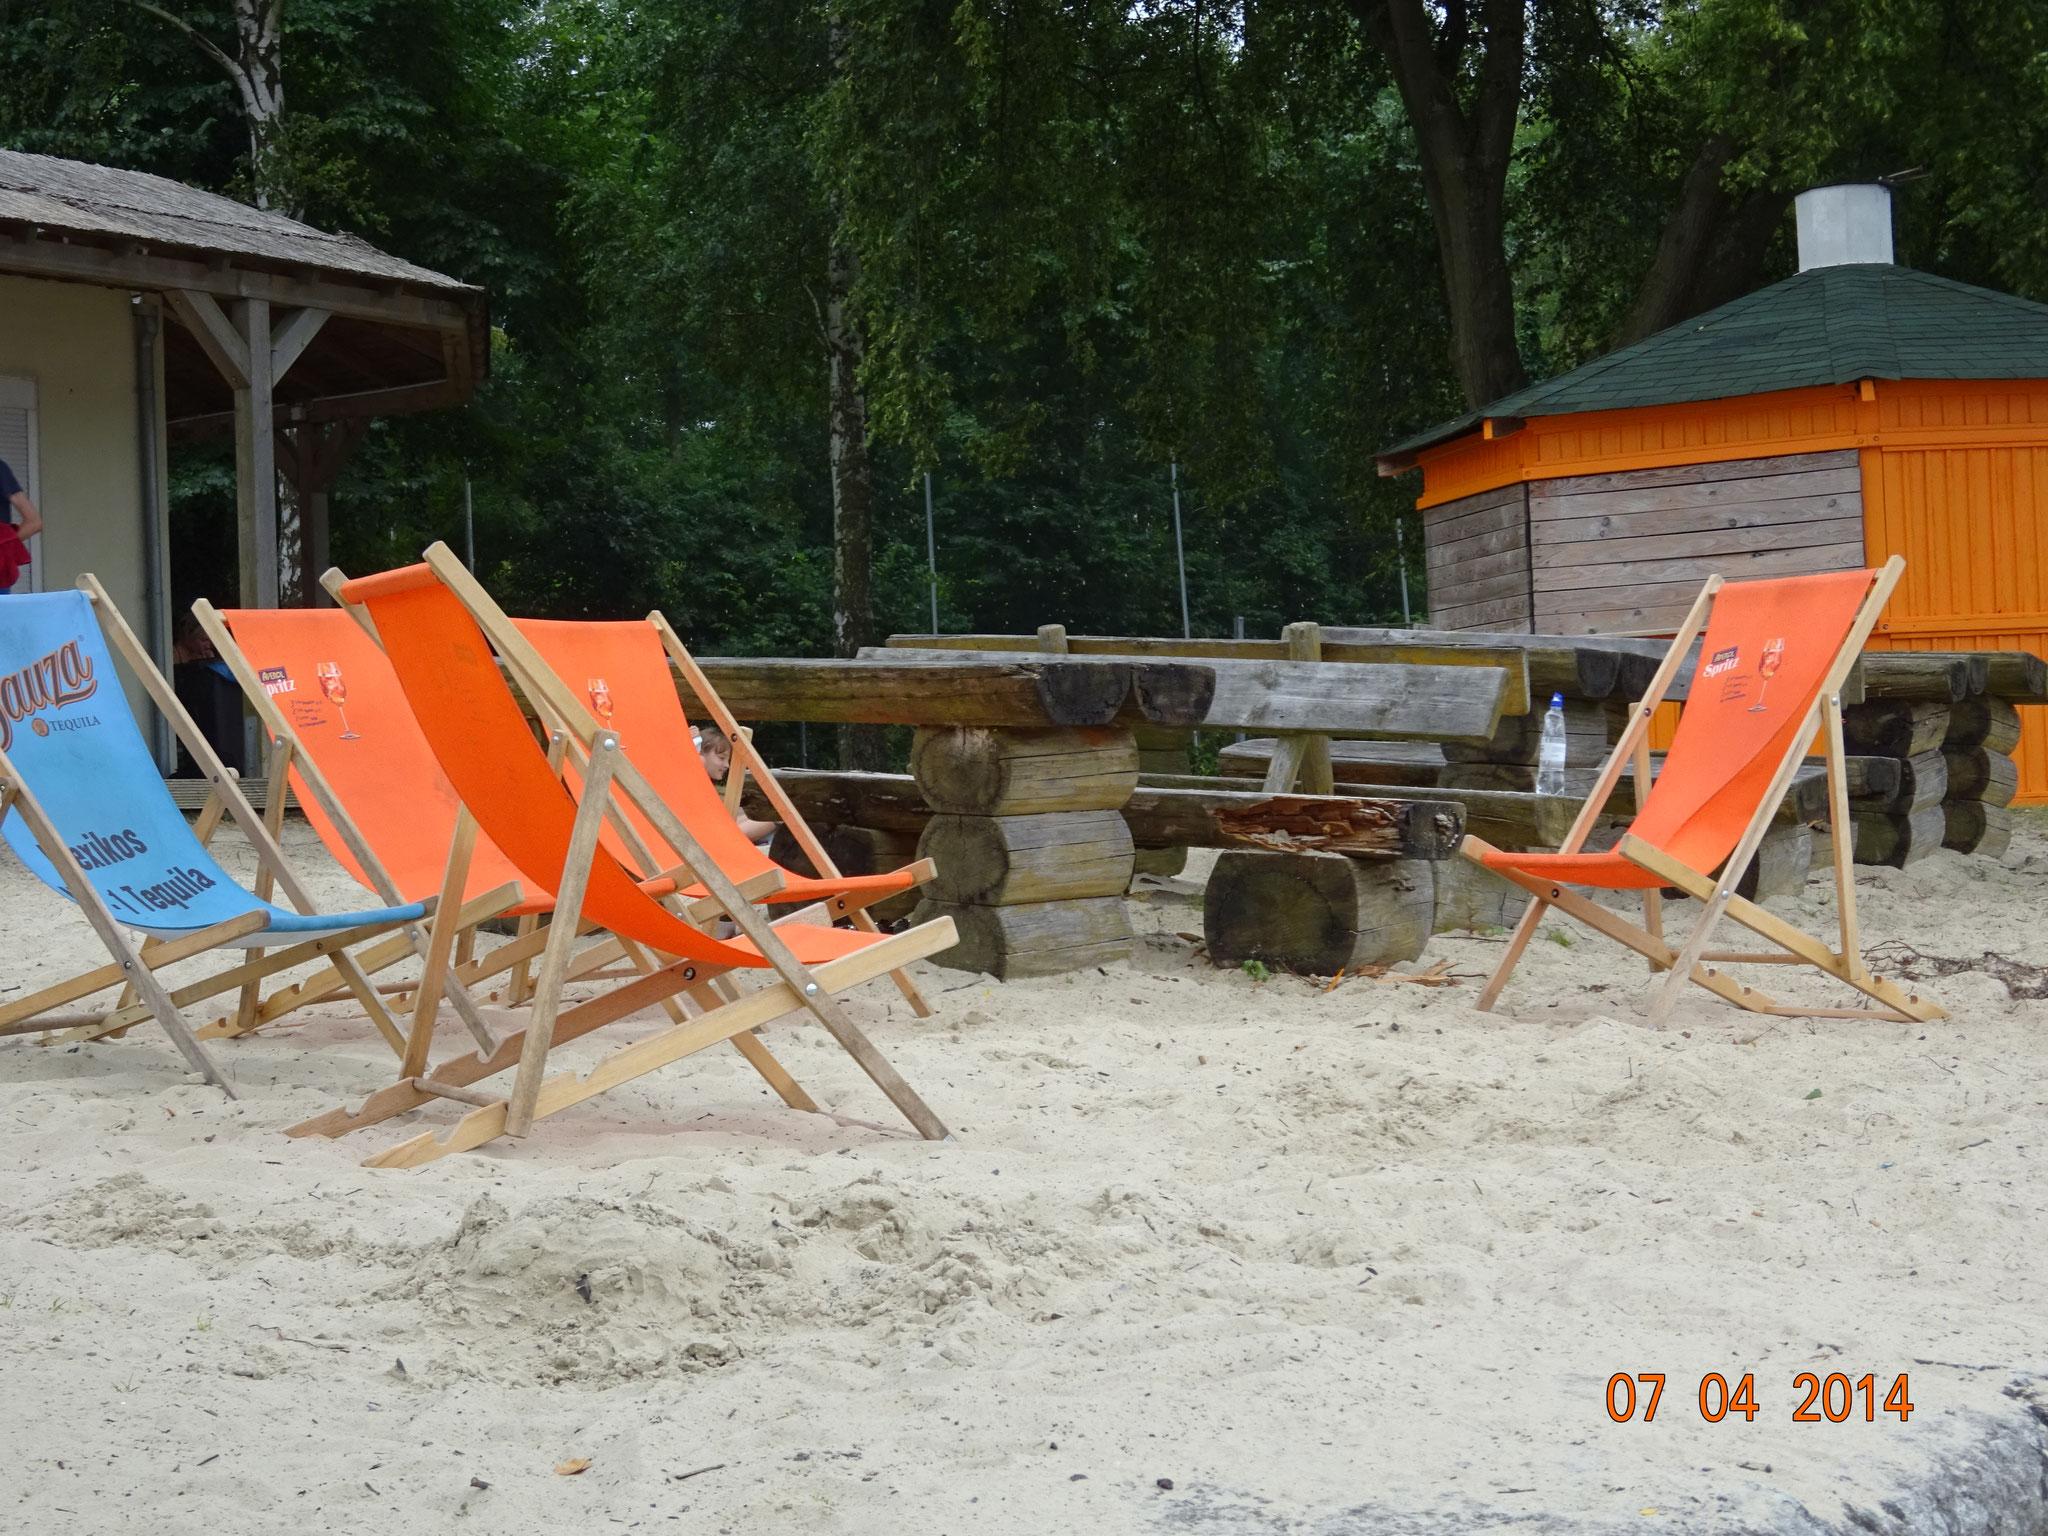 Liegestühle/Strandkörbe